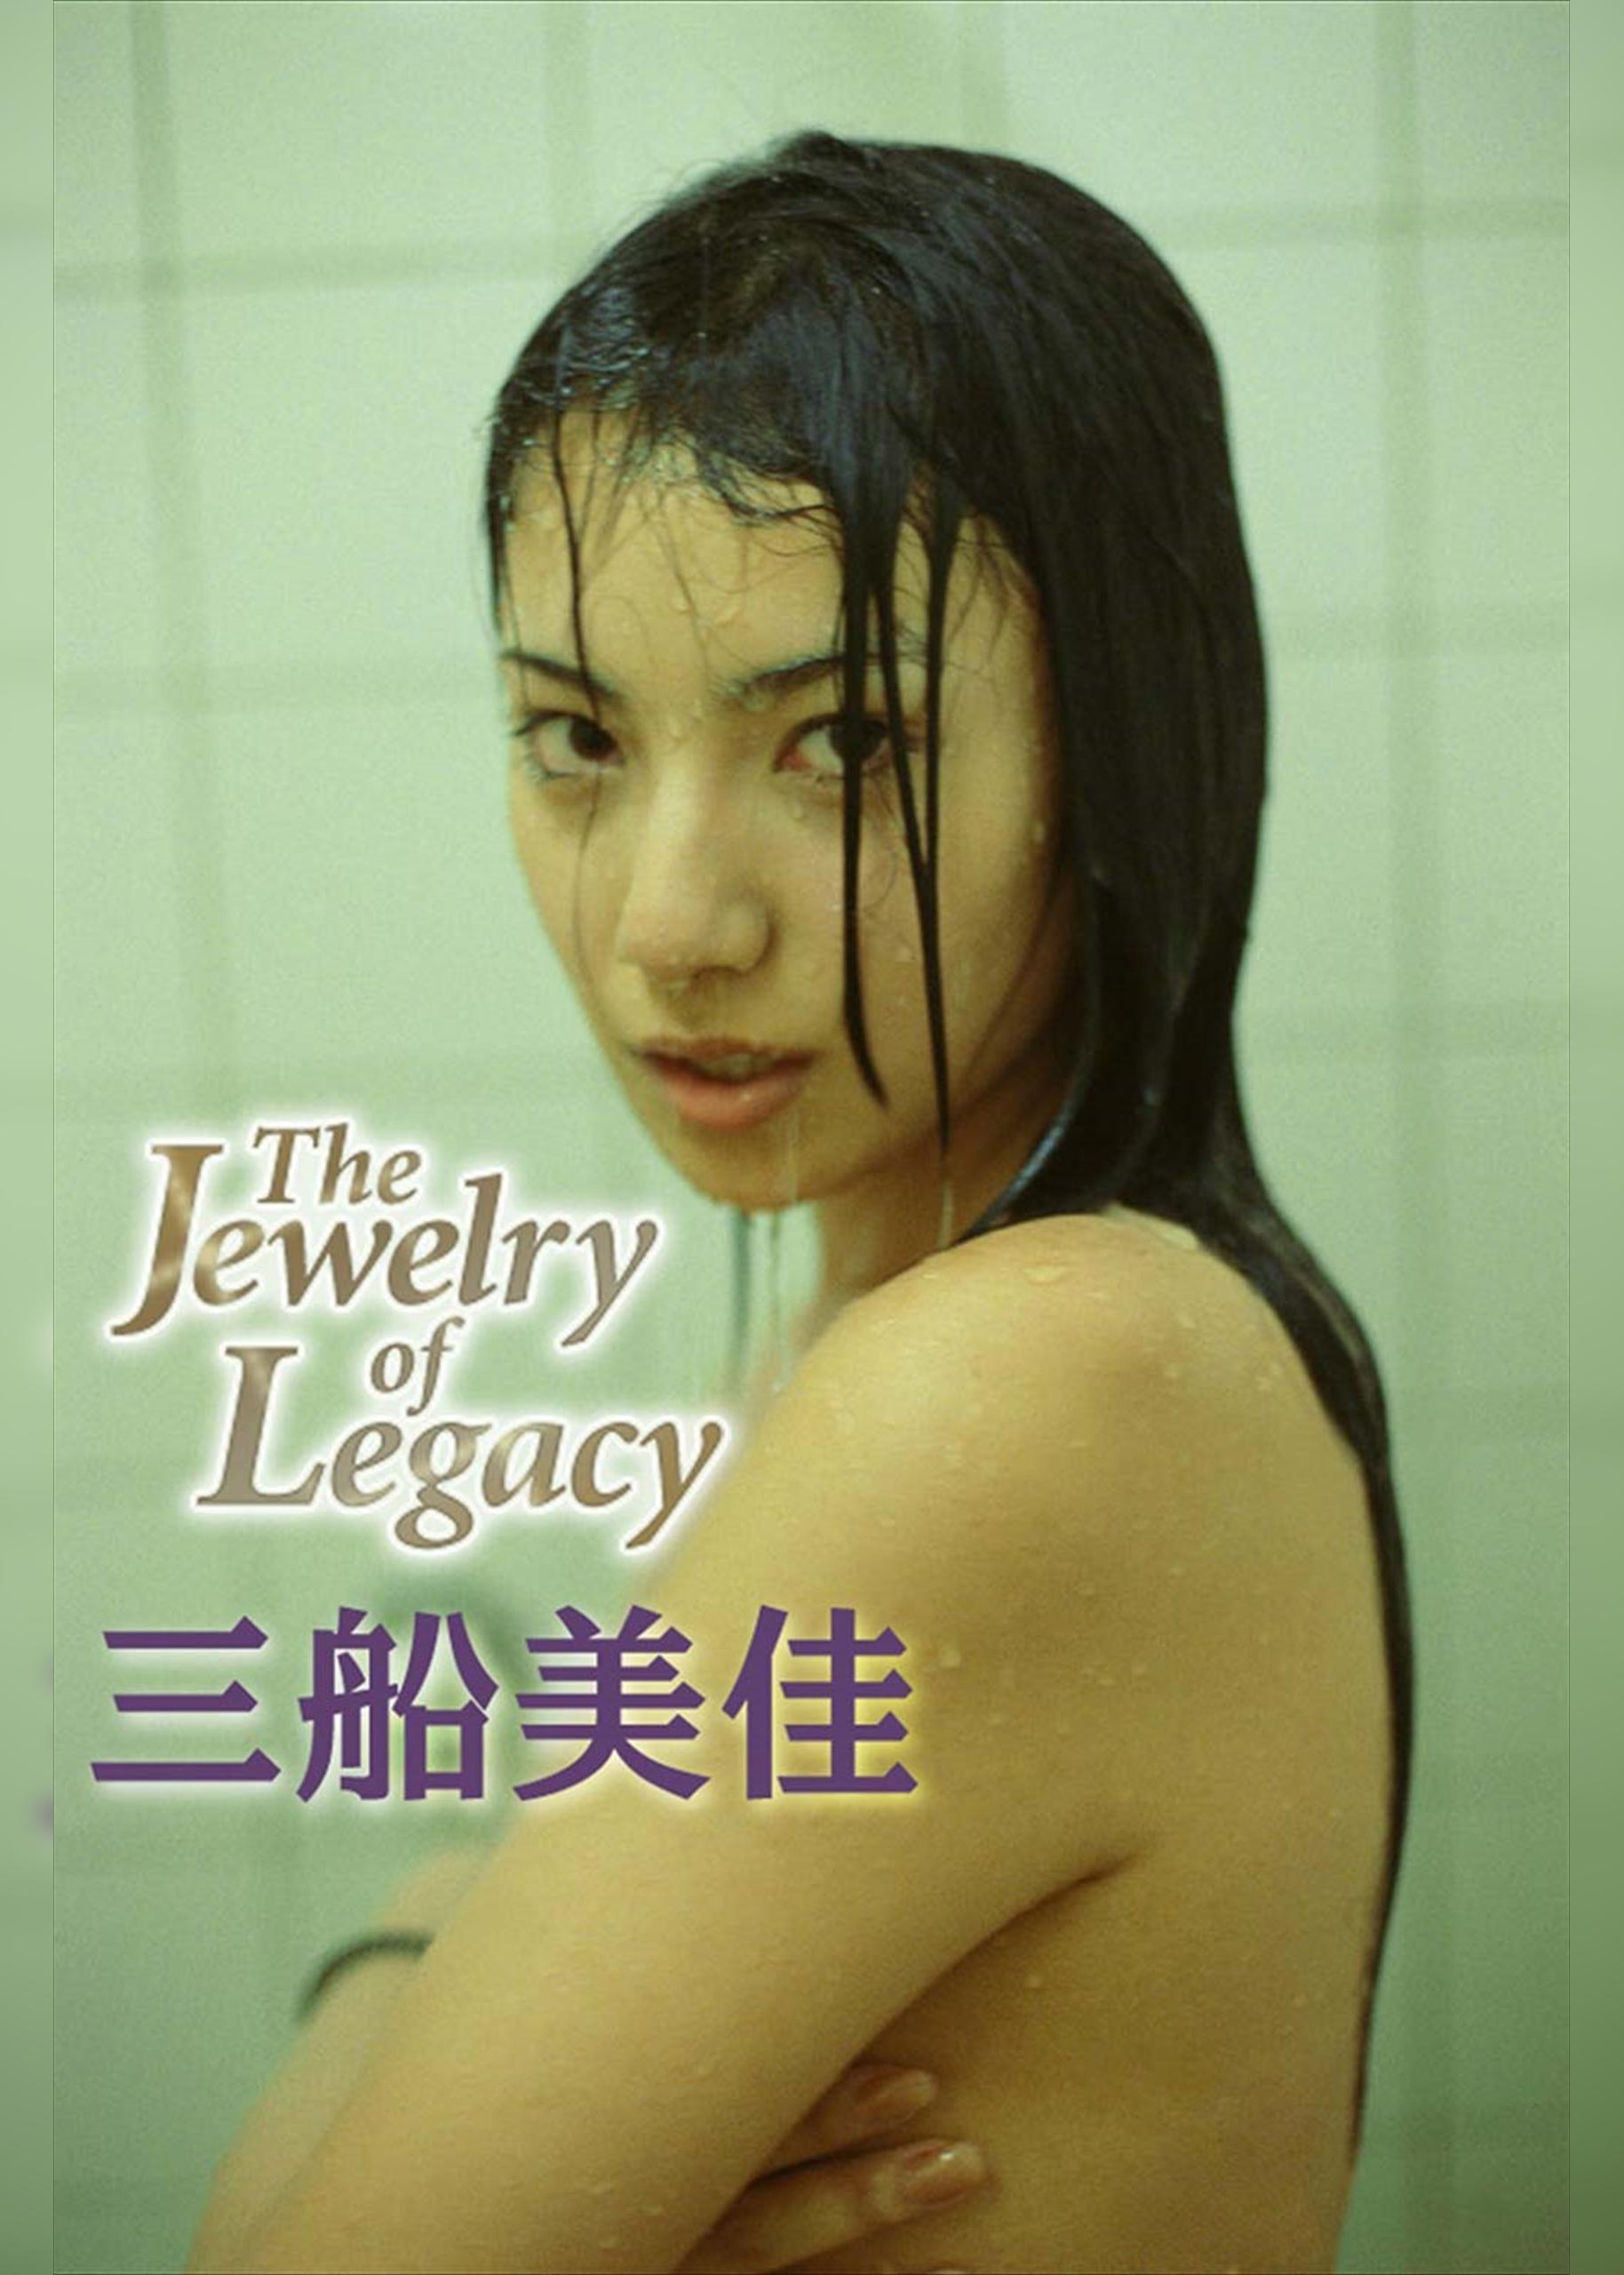 三船美佳 The Jewelry of Legacy